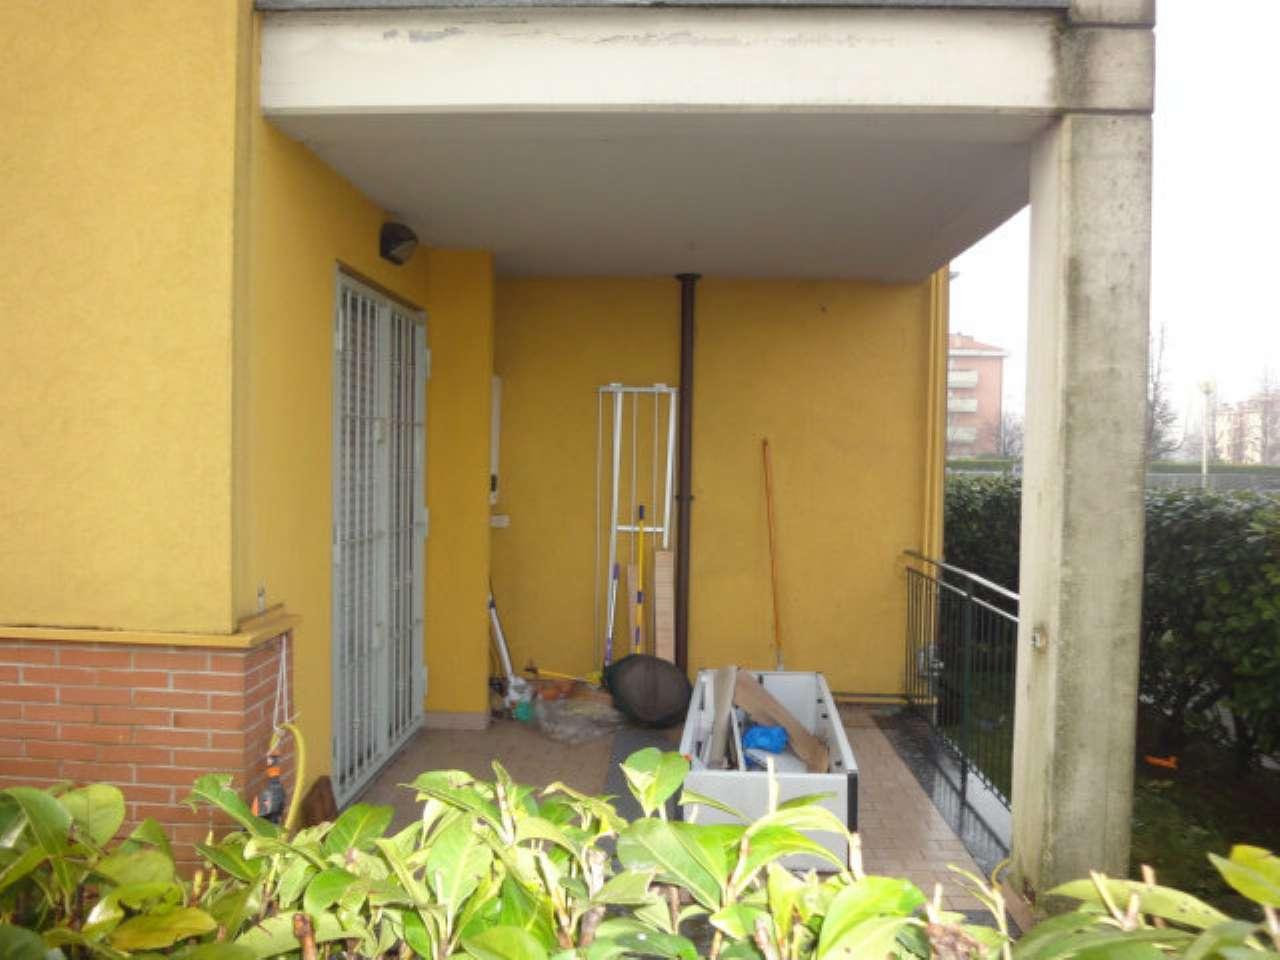 Appartamento in vendita a Cernusco sul Naviglio, 2 locali, prezzo € 141.000 | CambioCasa.it